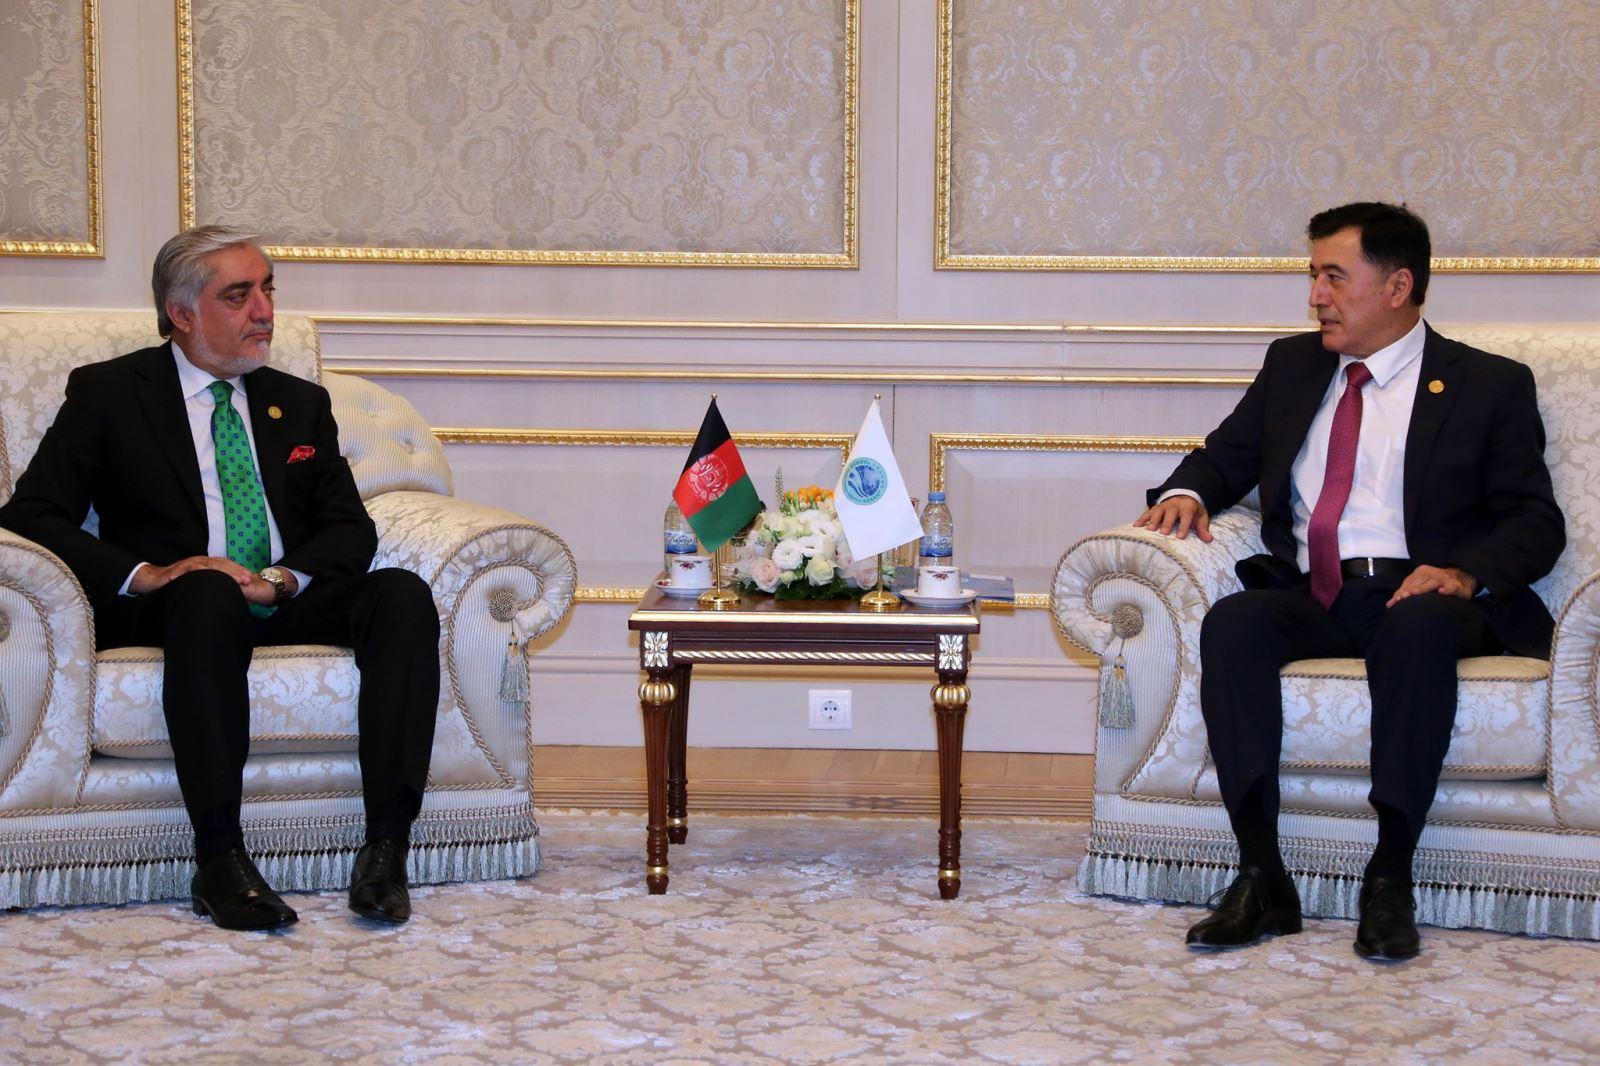 از عضویت کامل افغانستان در سازمان همکاریهای شانگهای پشتیبانی میکنیم